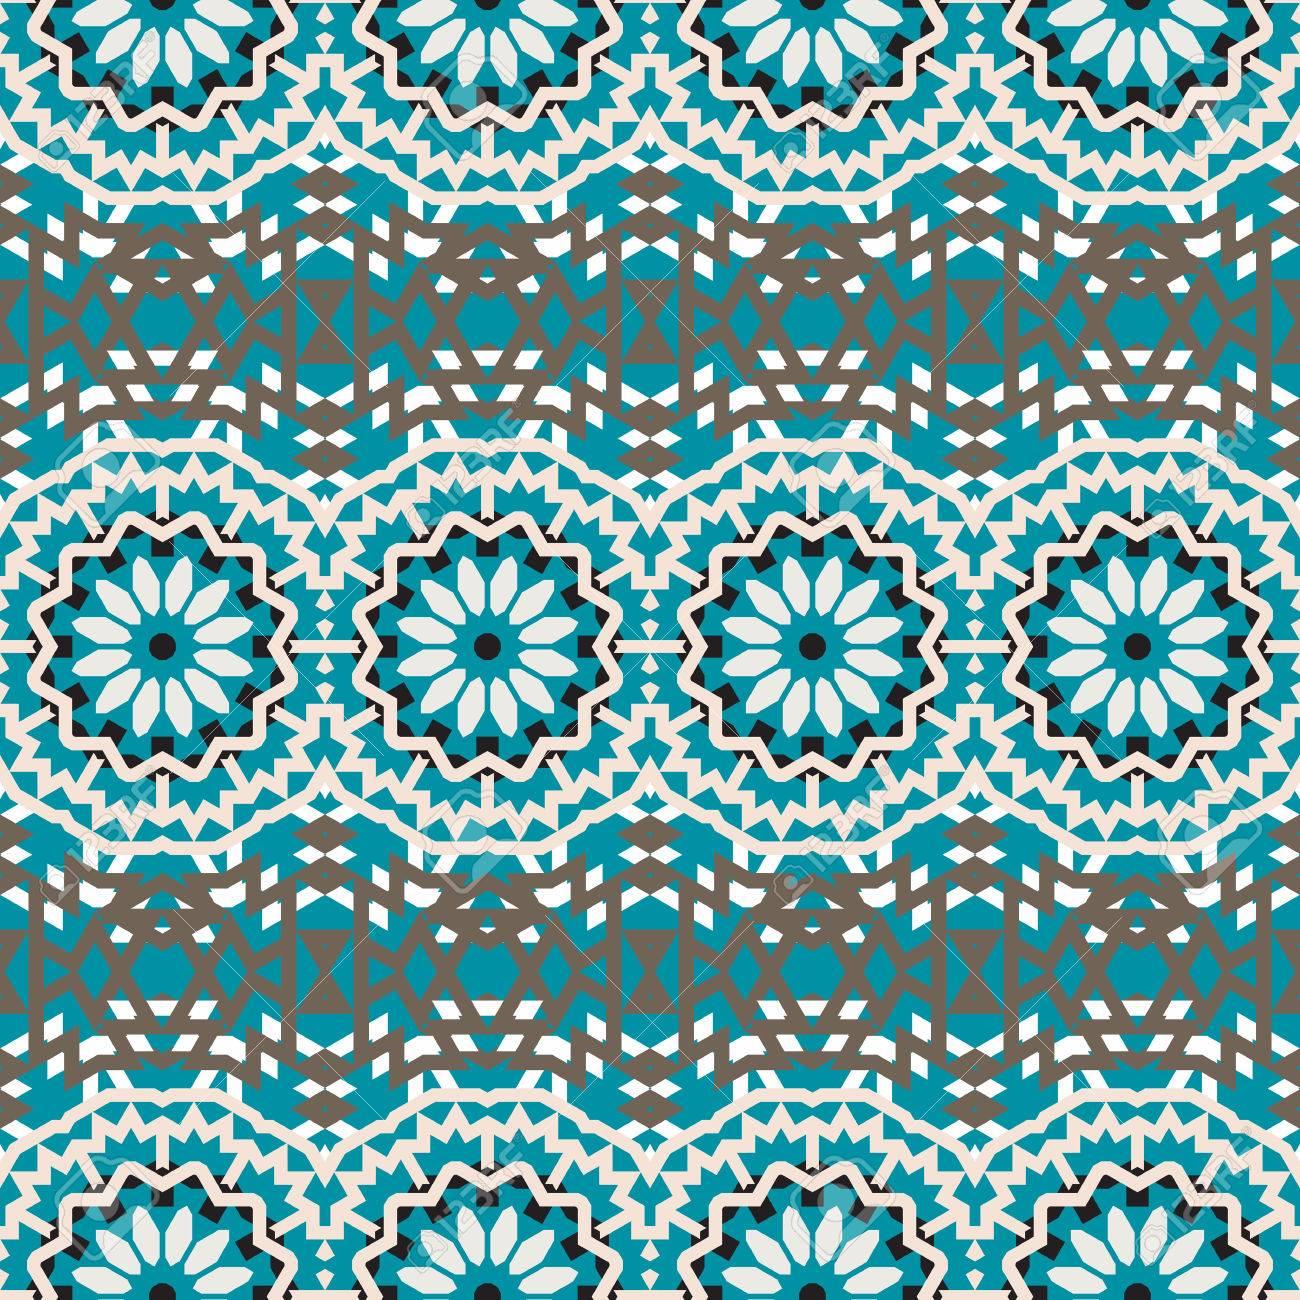 Tribal Vector Patrón Bohemio Colorido Con Grandes Flores De Colores